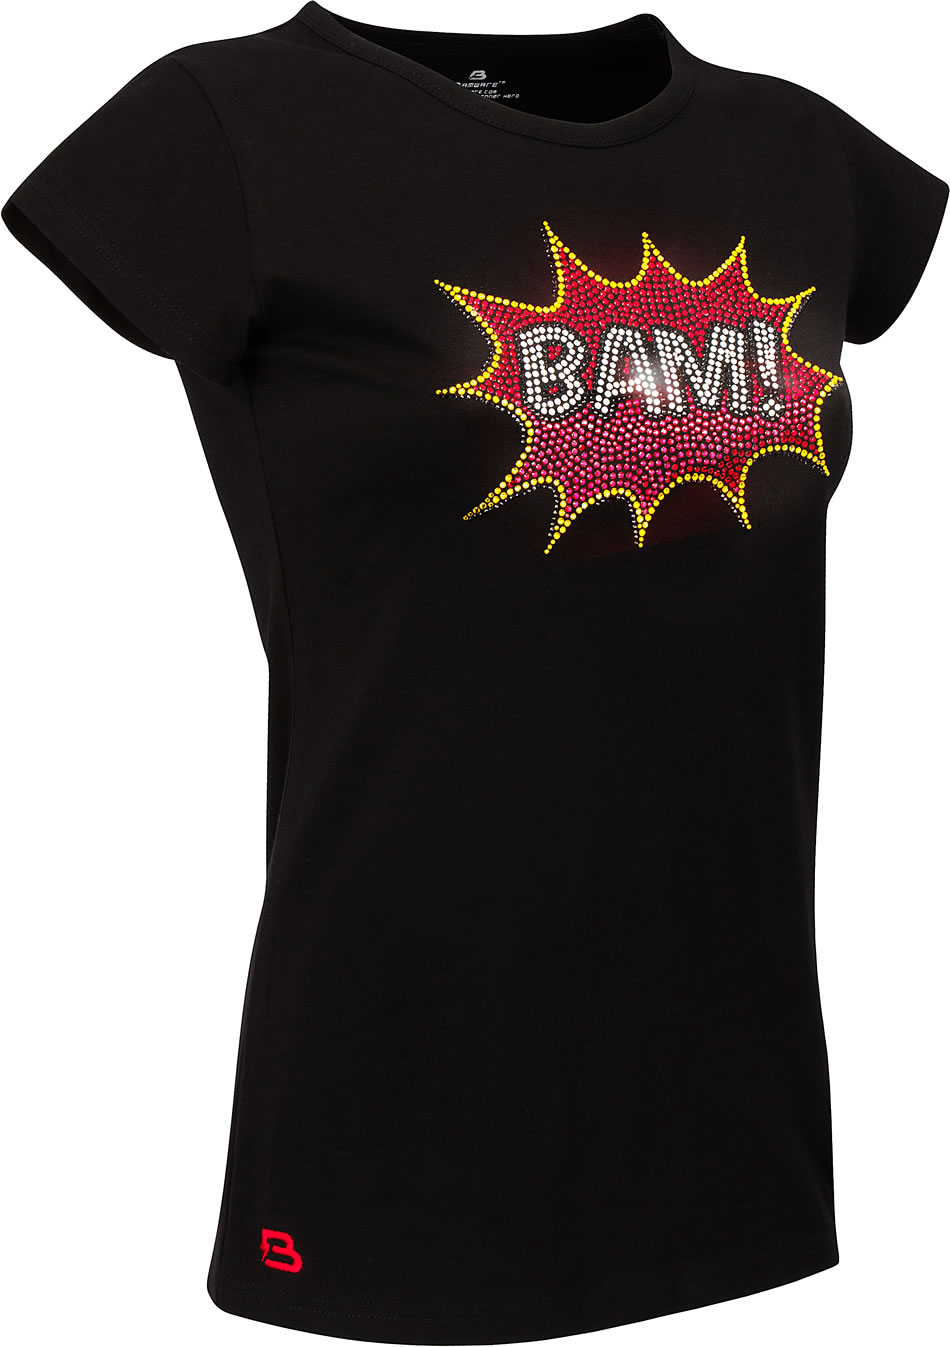 Bamware BAM Rhinestone Tee